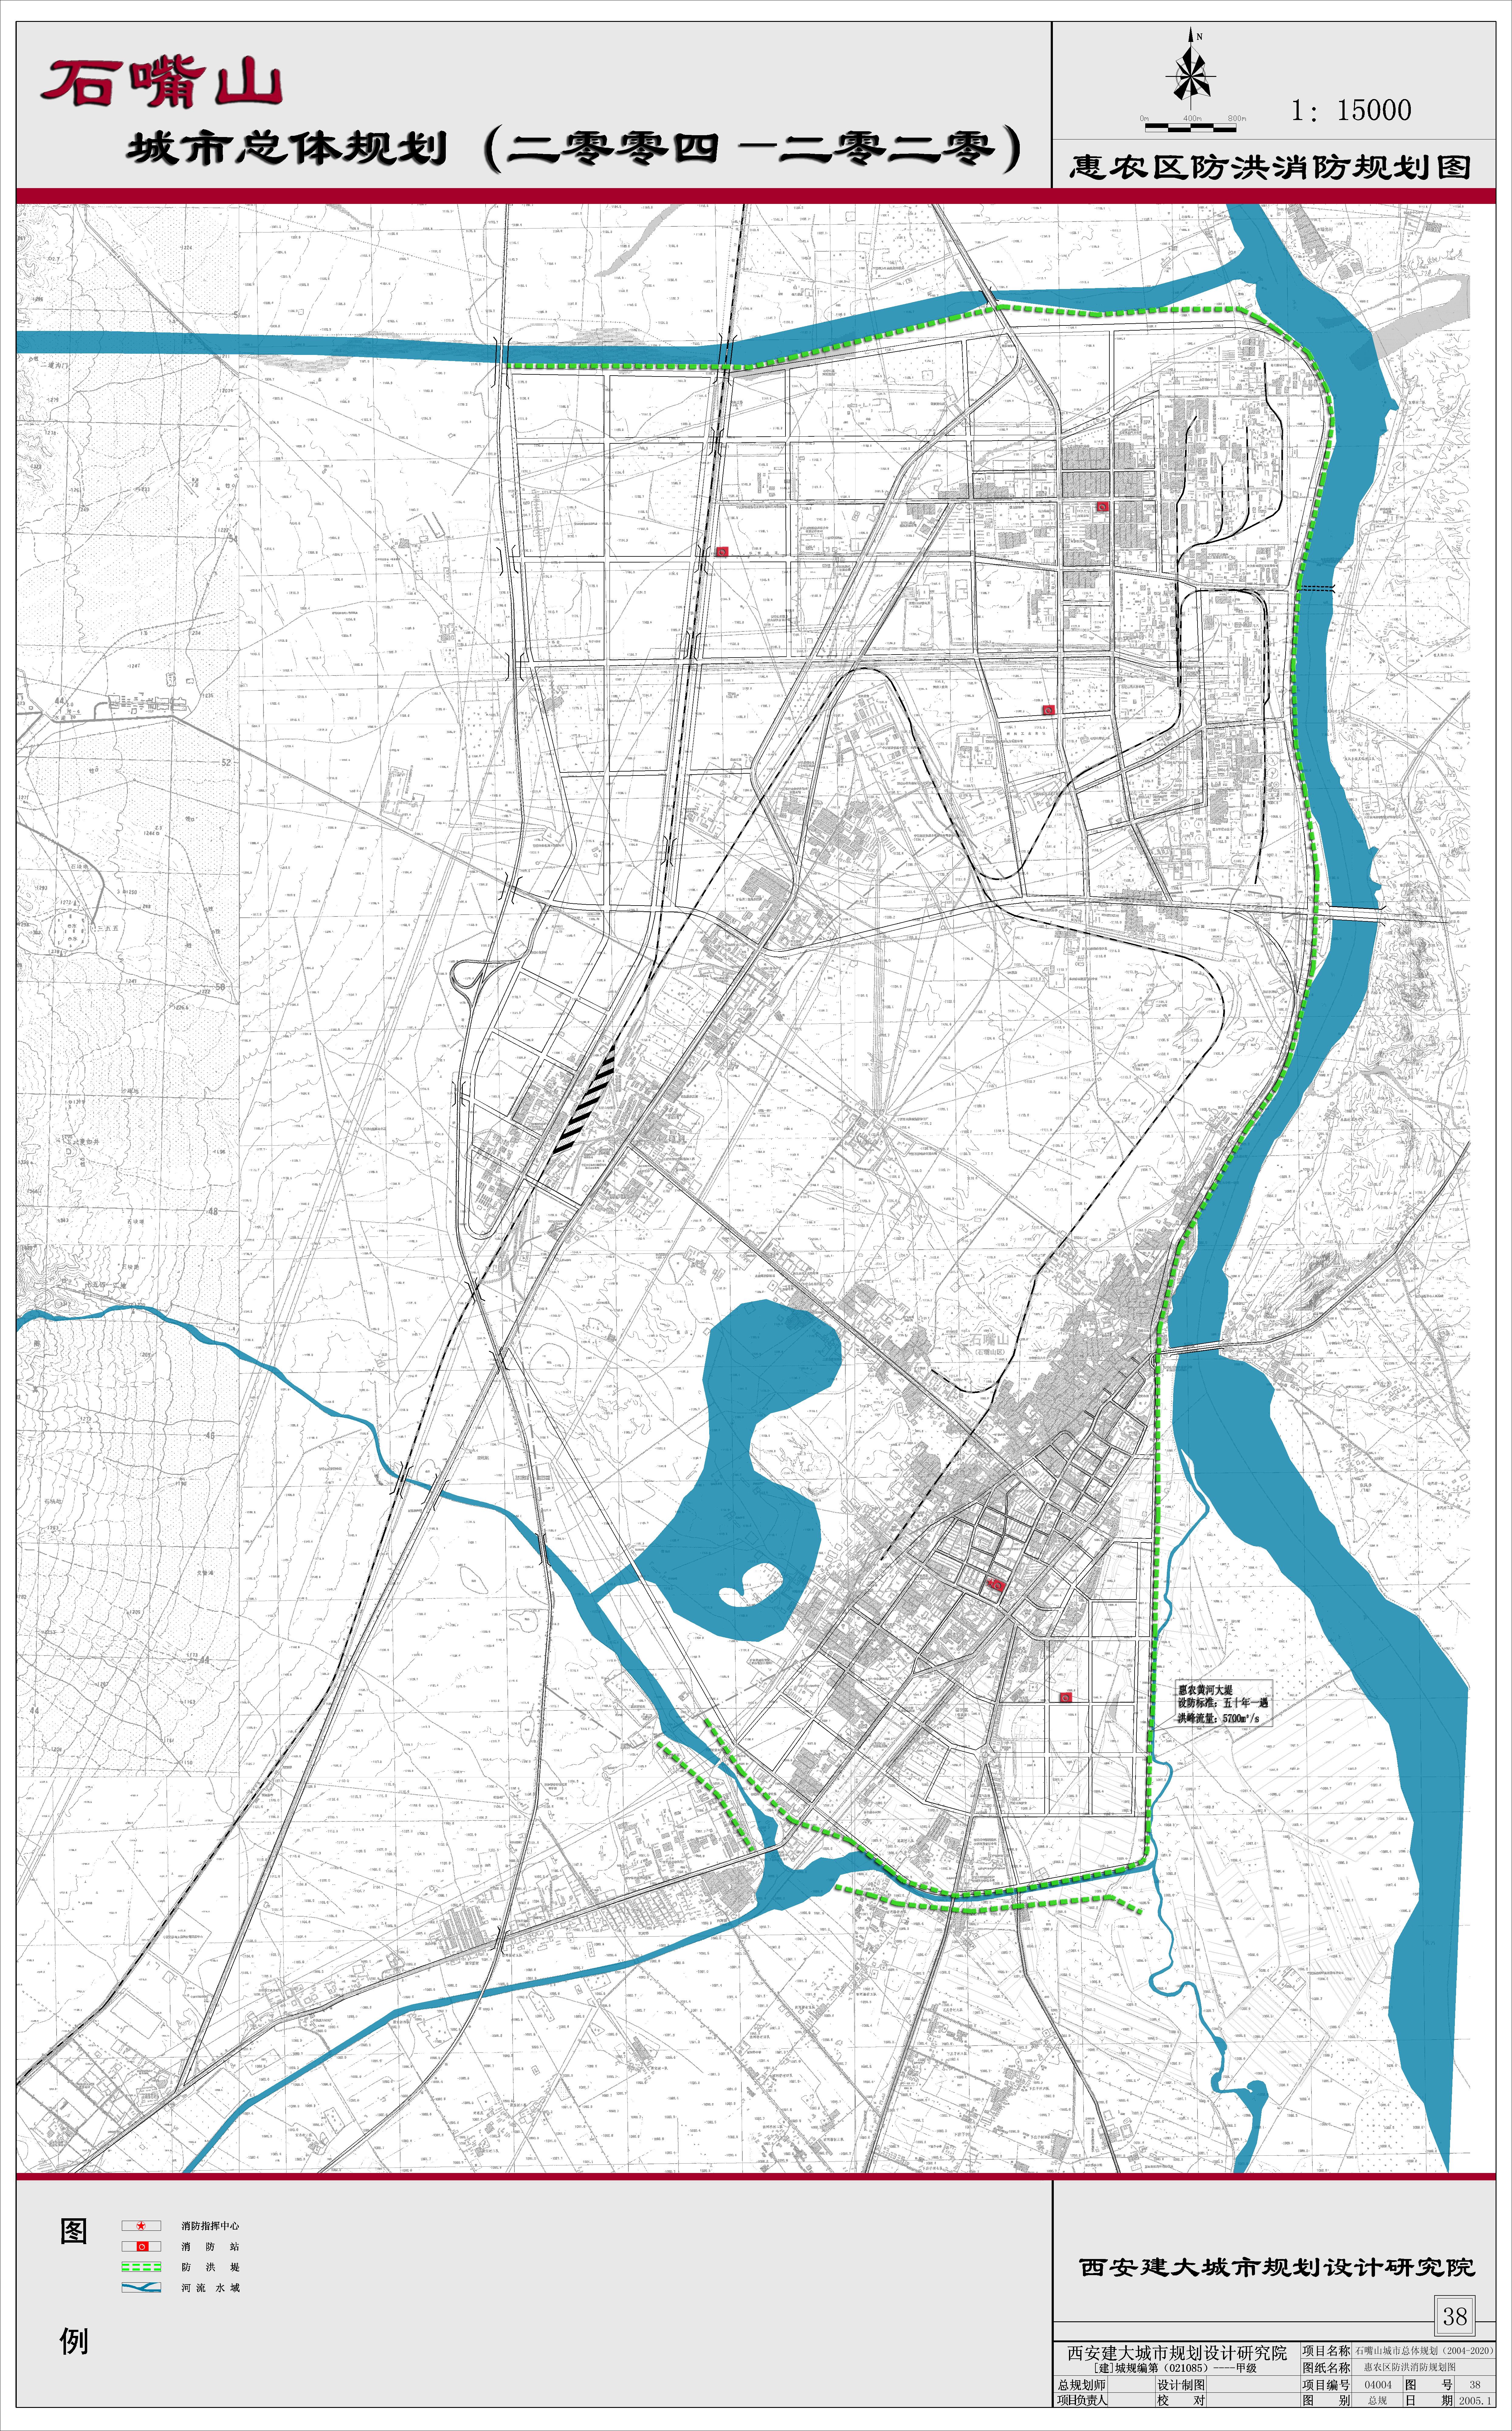 [宁夏]石嘴山城市总体规划(2004-2020)(含说明书)图片1